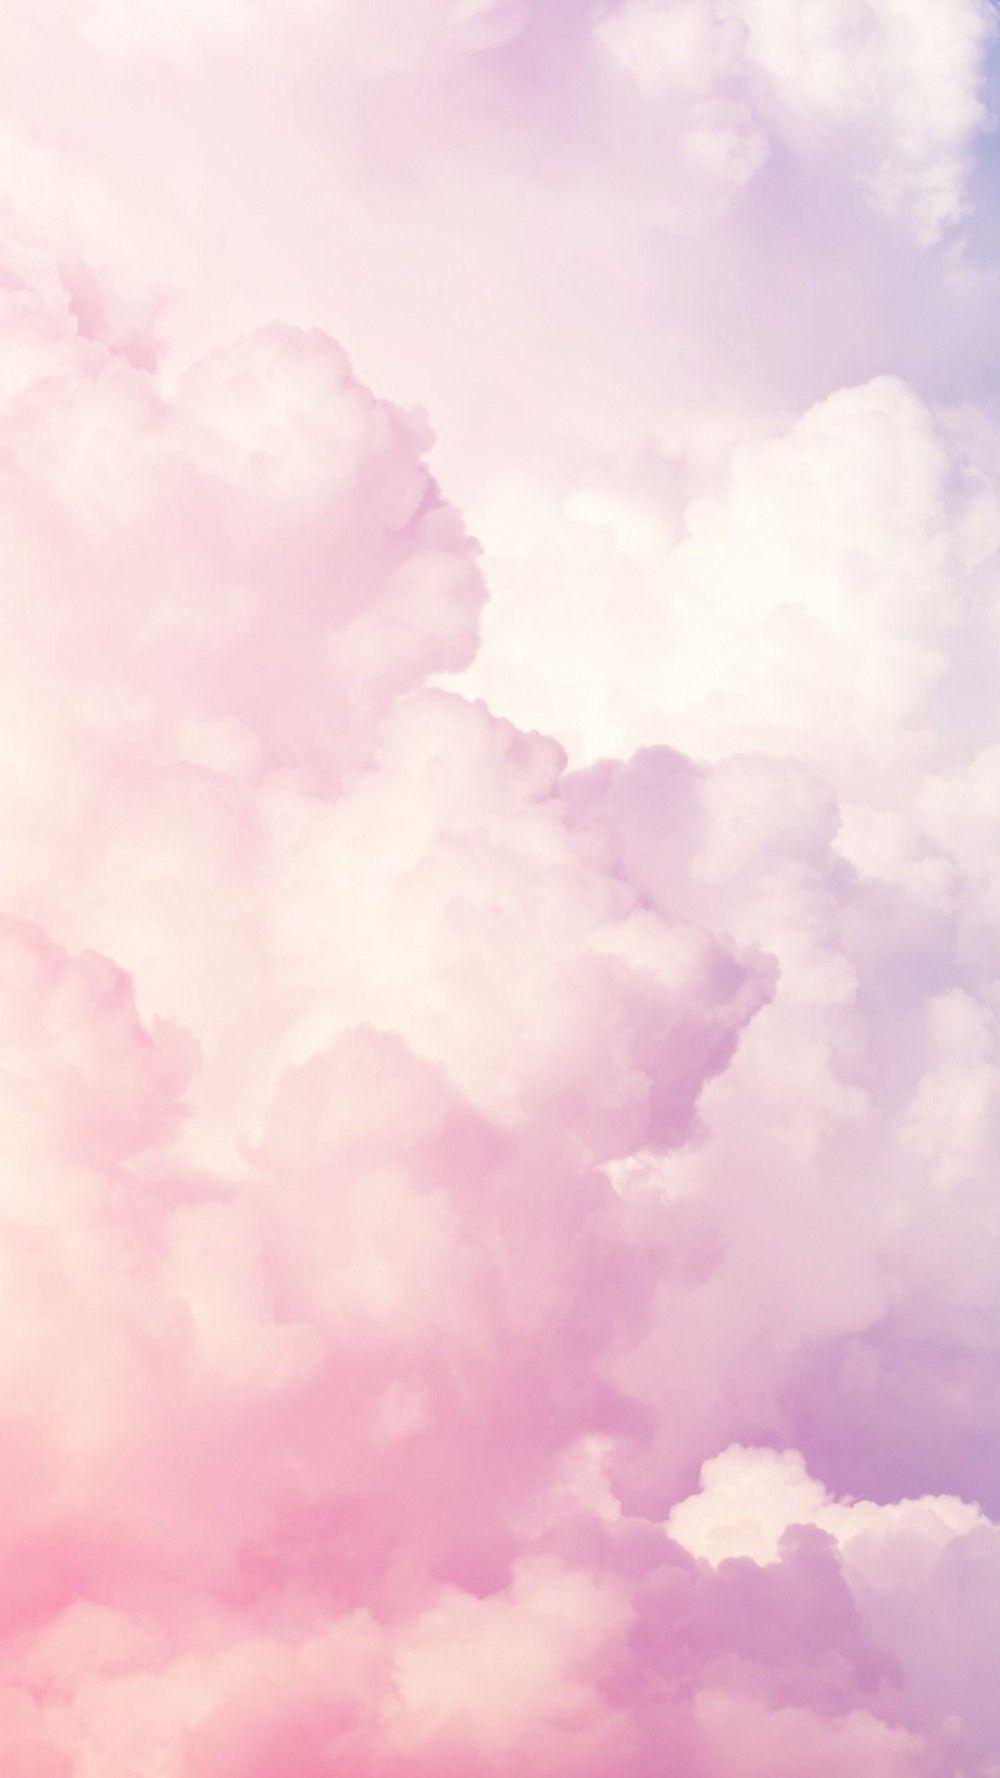 29+ Fonds d'écran Beautiful Cloud pour iPhone en 2020 | Ciel pastel, Papier peint pastel, Fond d ...